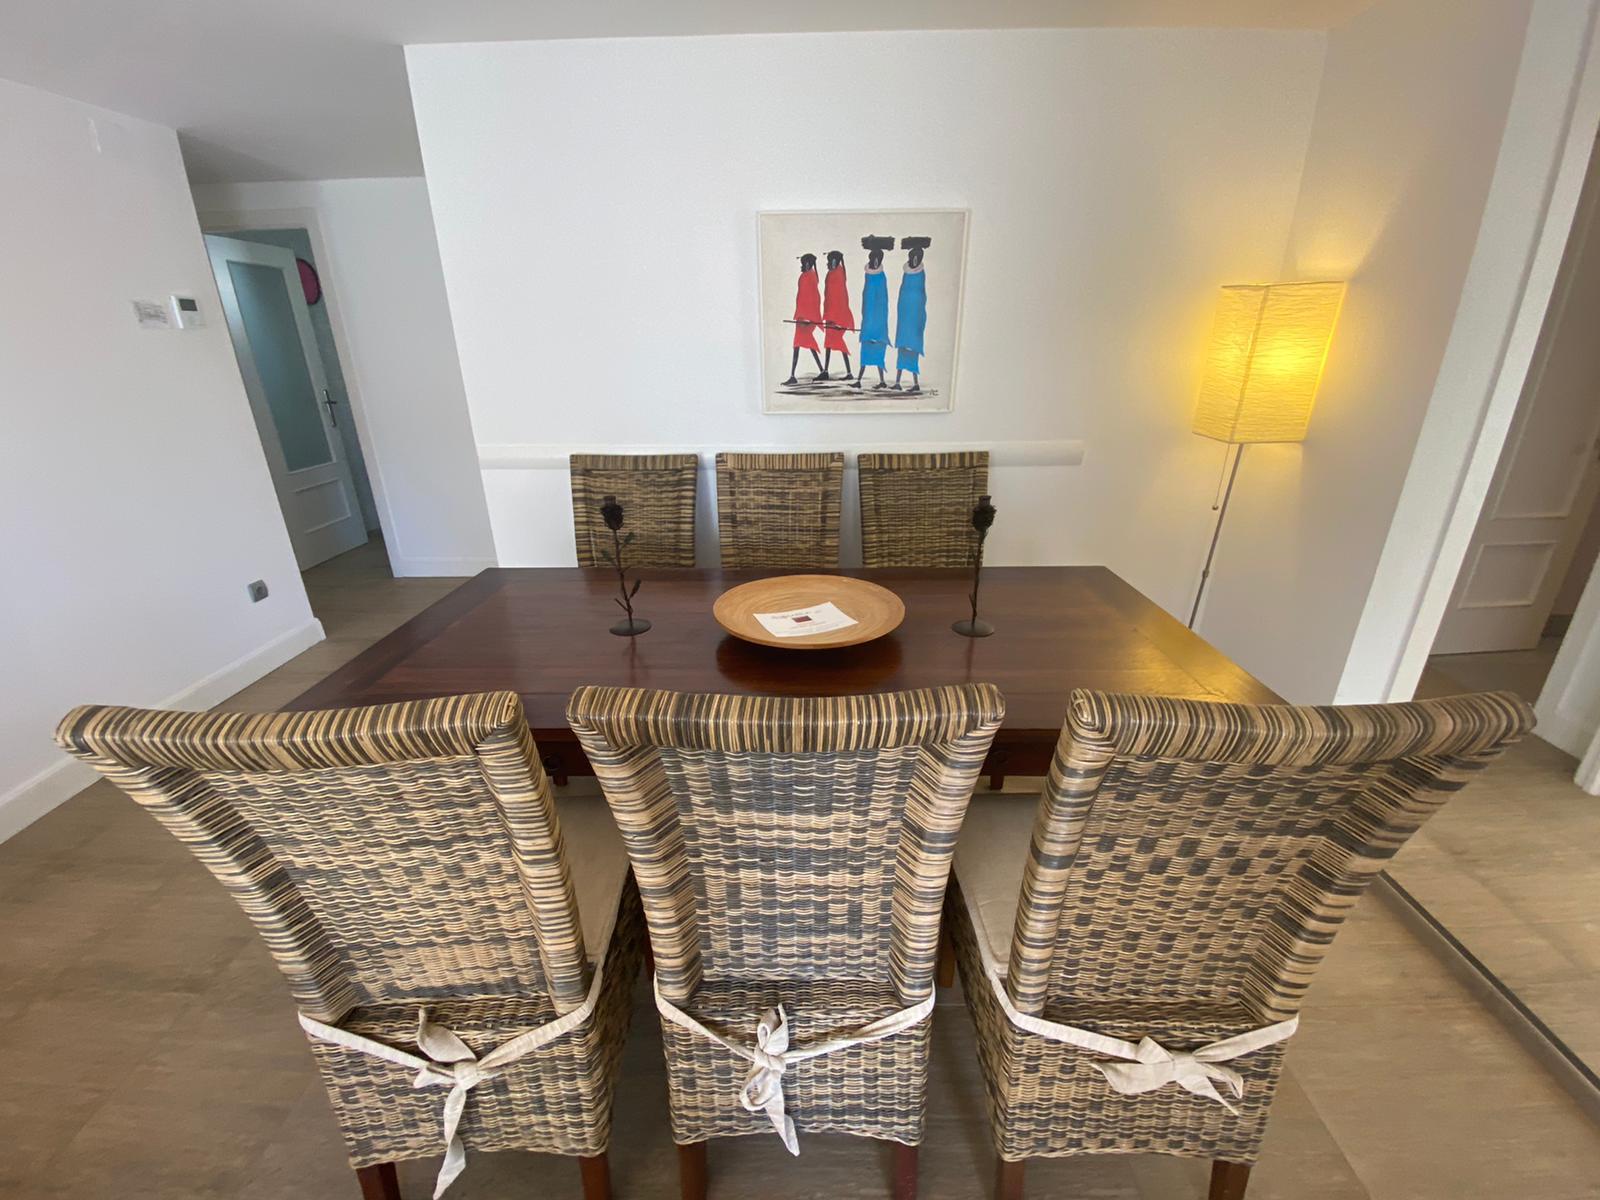 Imagen 4 del Apartamento Turístico, Ático 1 Central (3d+2b), Punta del Moral (HUELVA), Paseo de la Cruz nº22